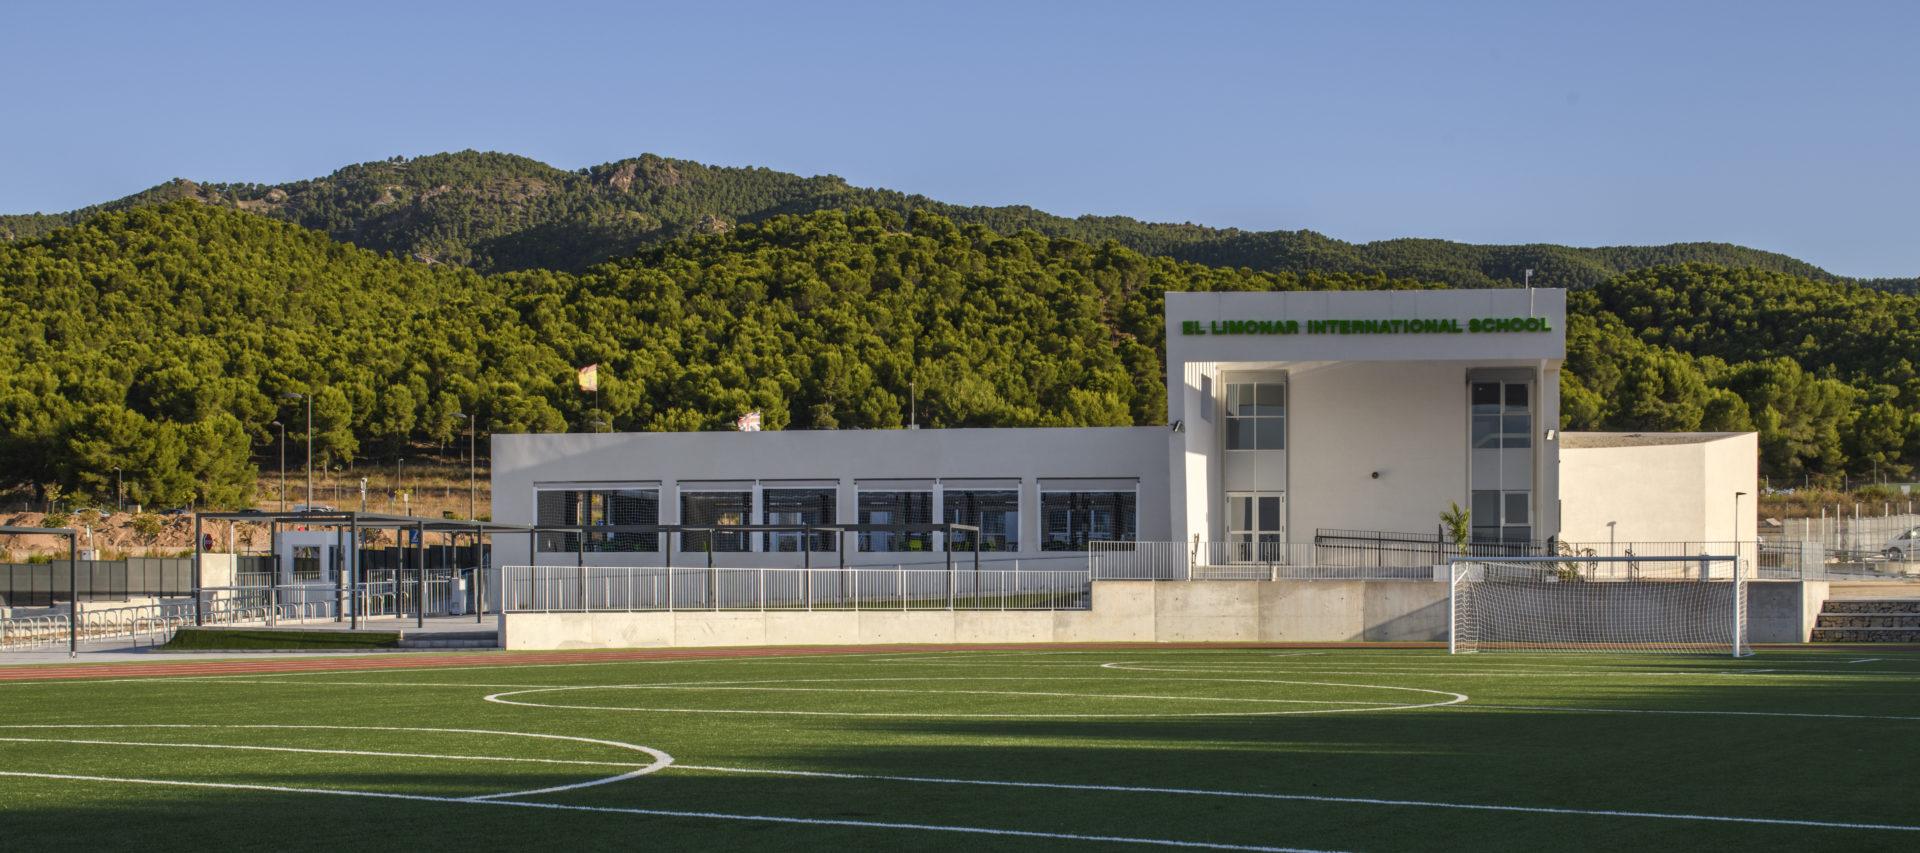 Urdecon - Colegio Elis 106